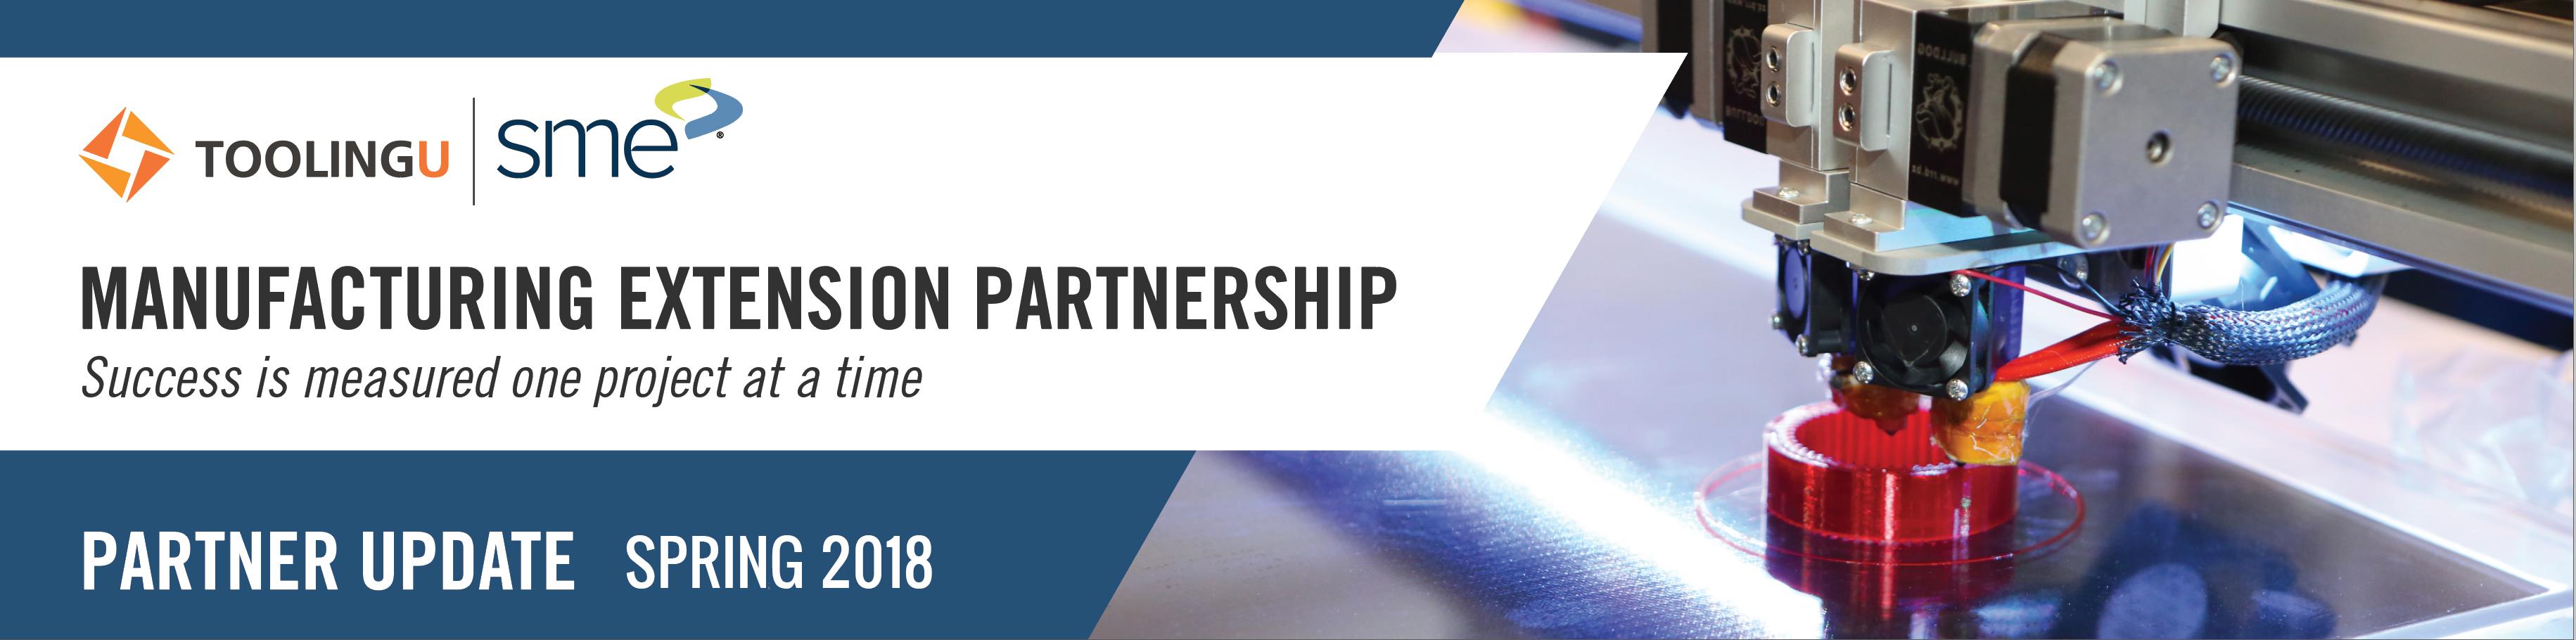 Tooling U-SME Workforce Development Newsletter